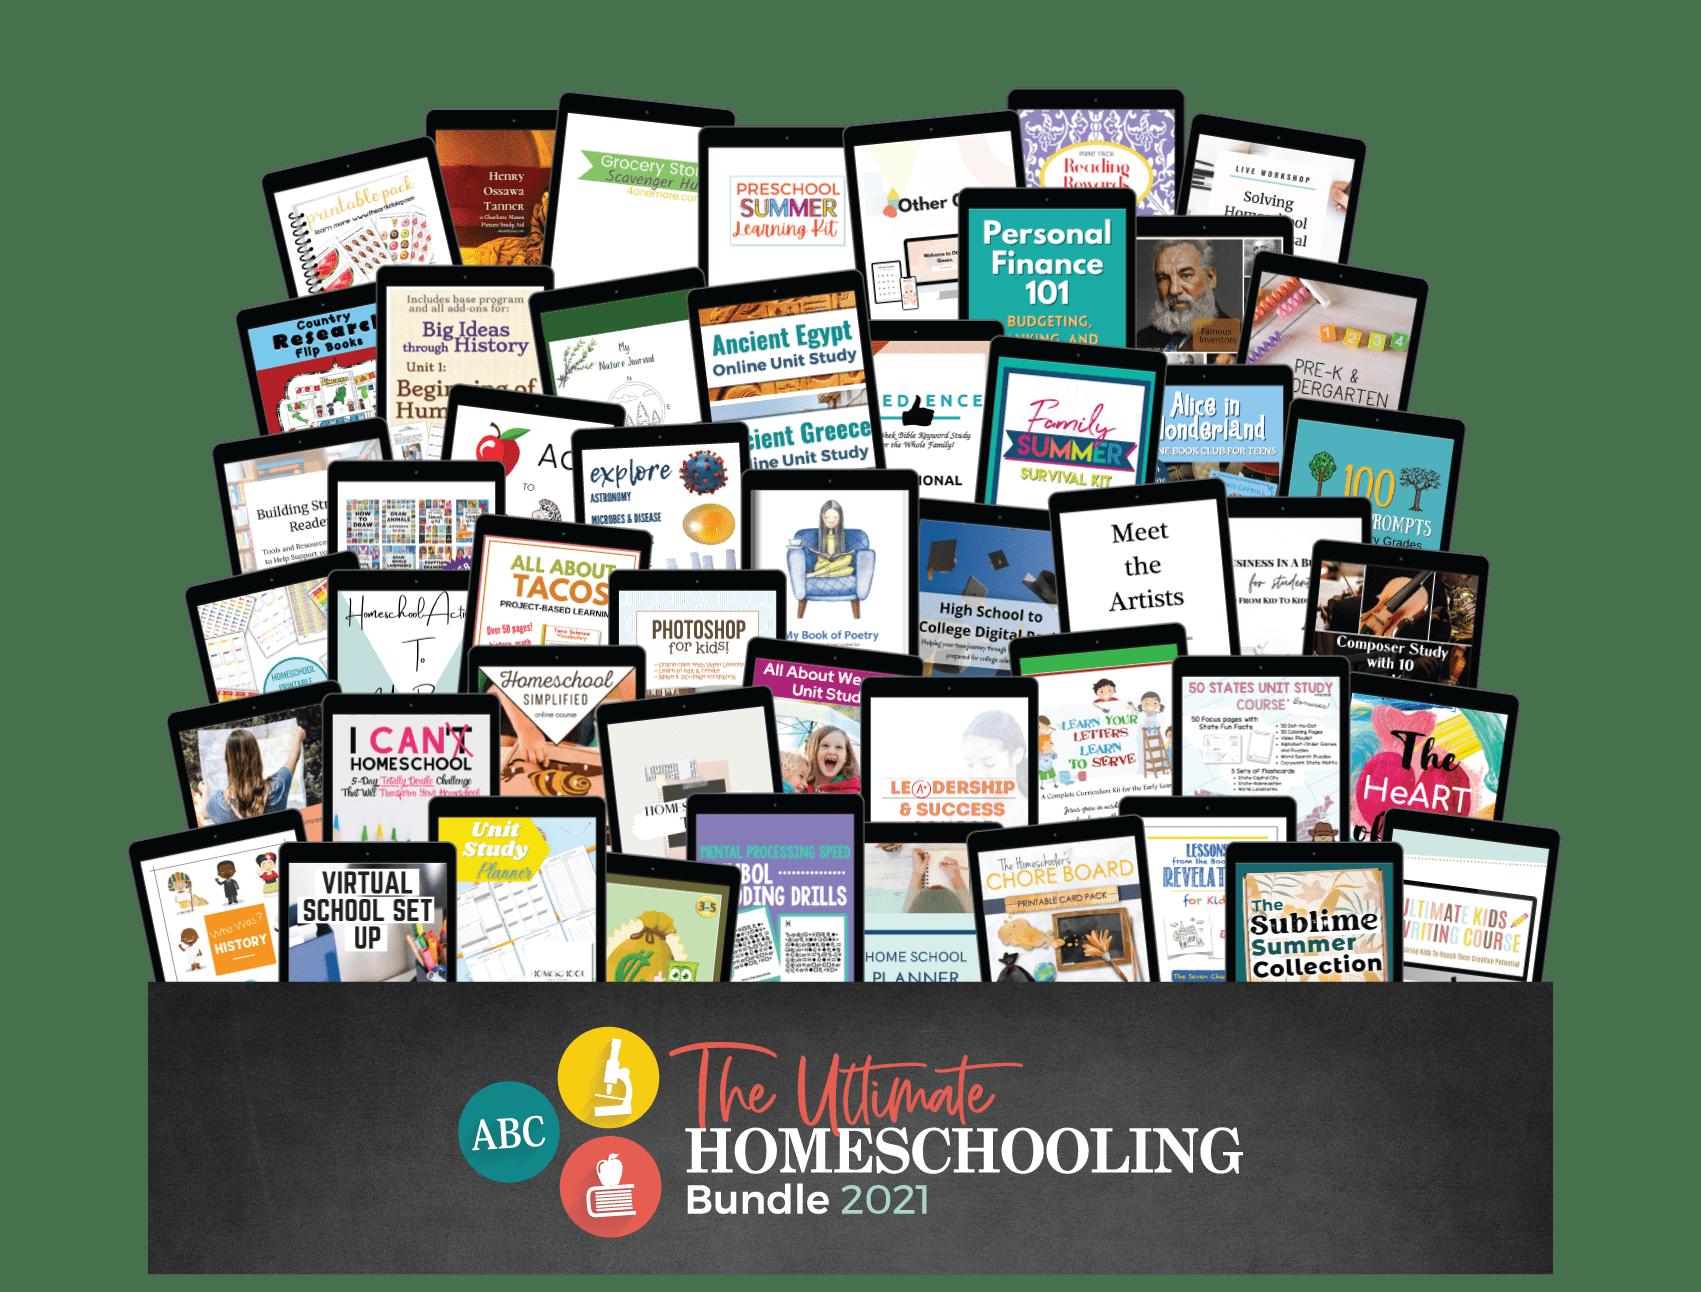 The Ultimate Homeschooling Bundle